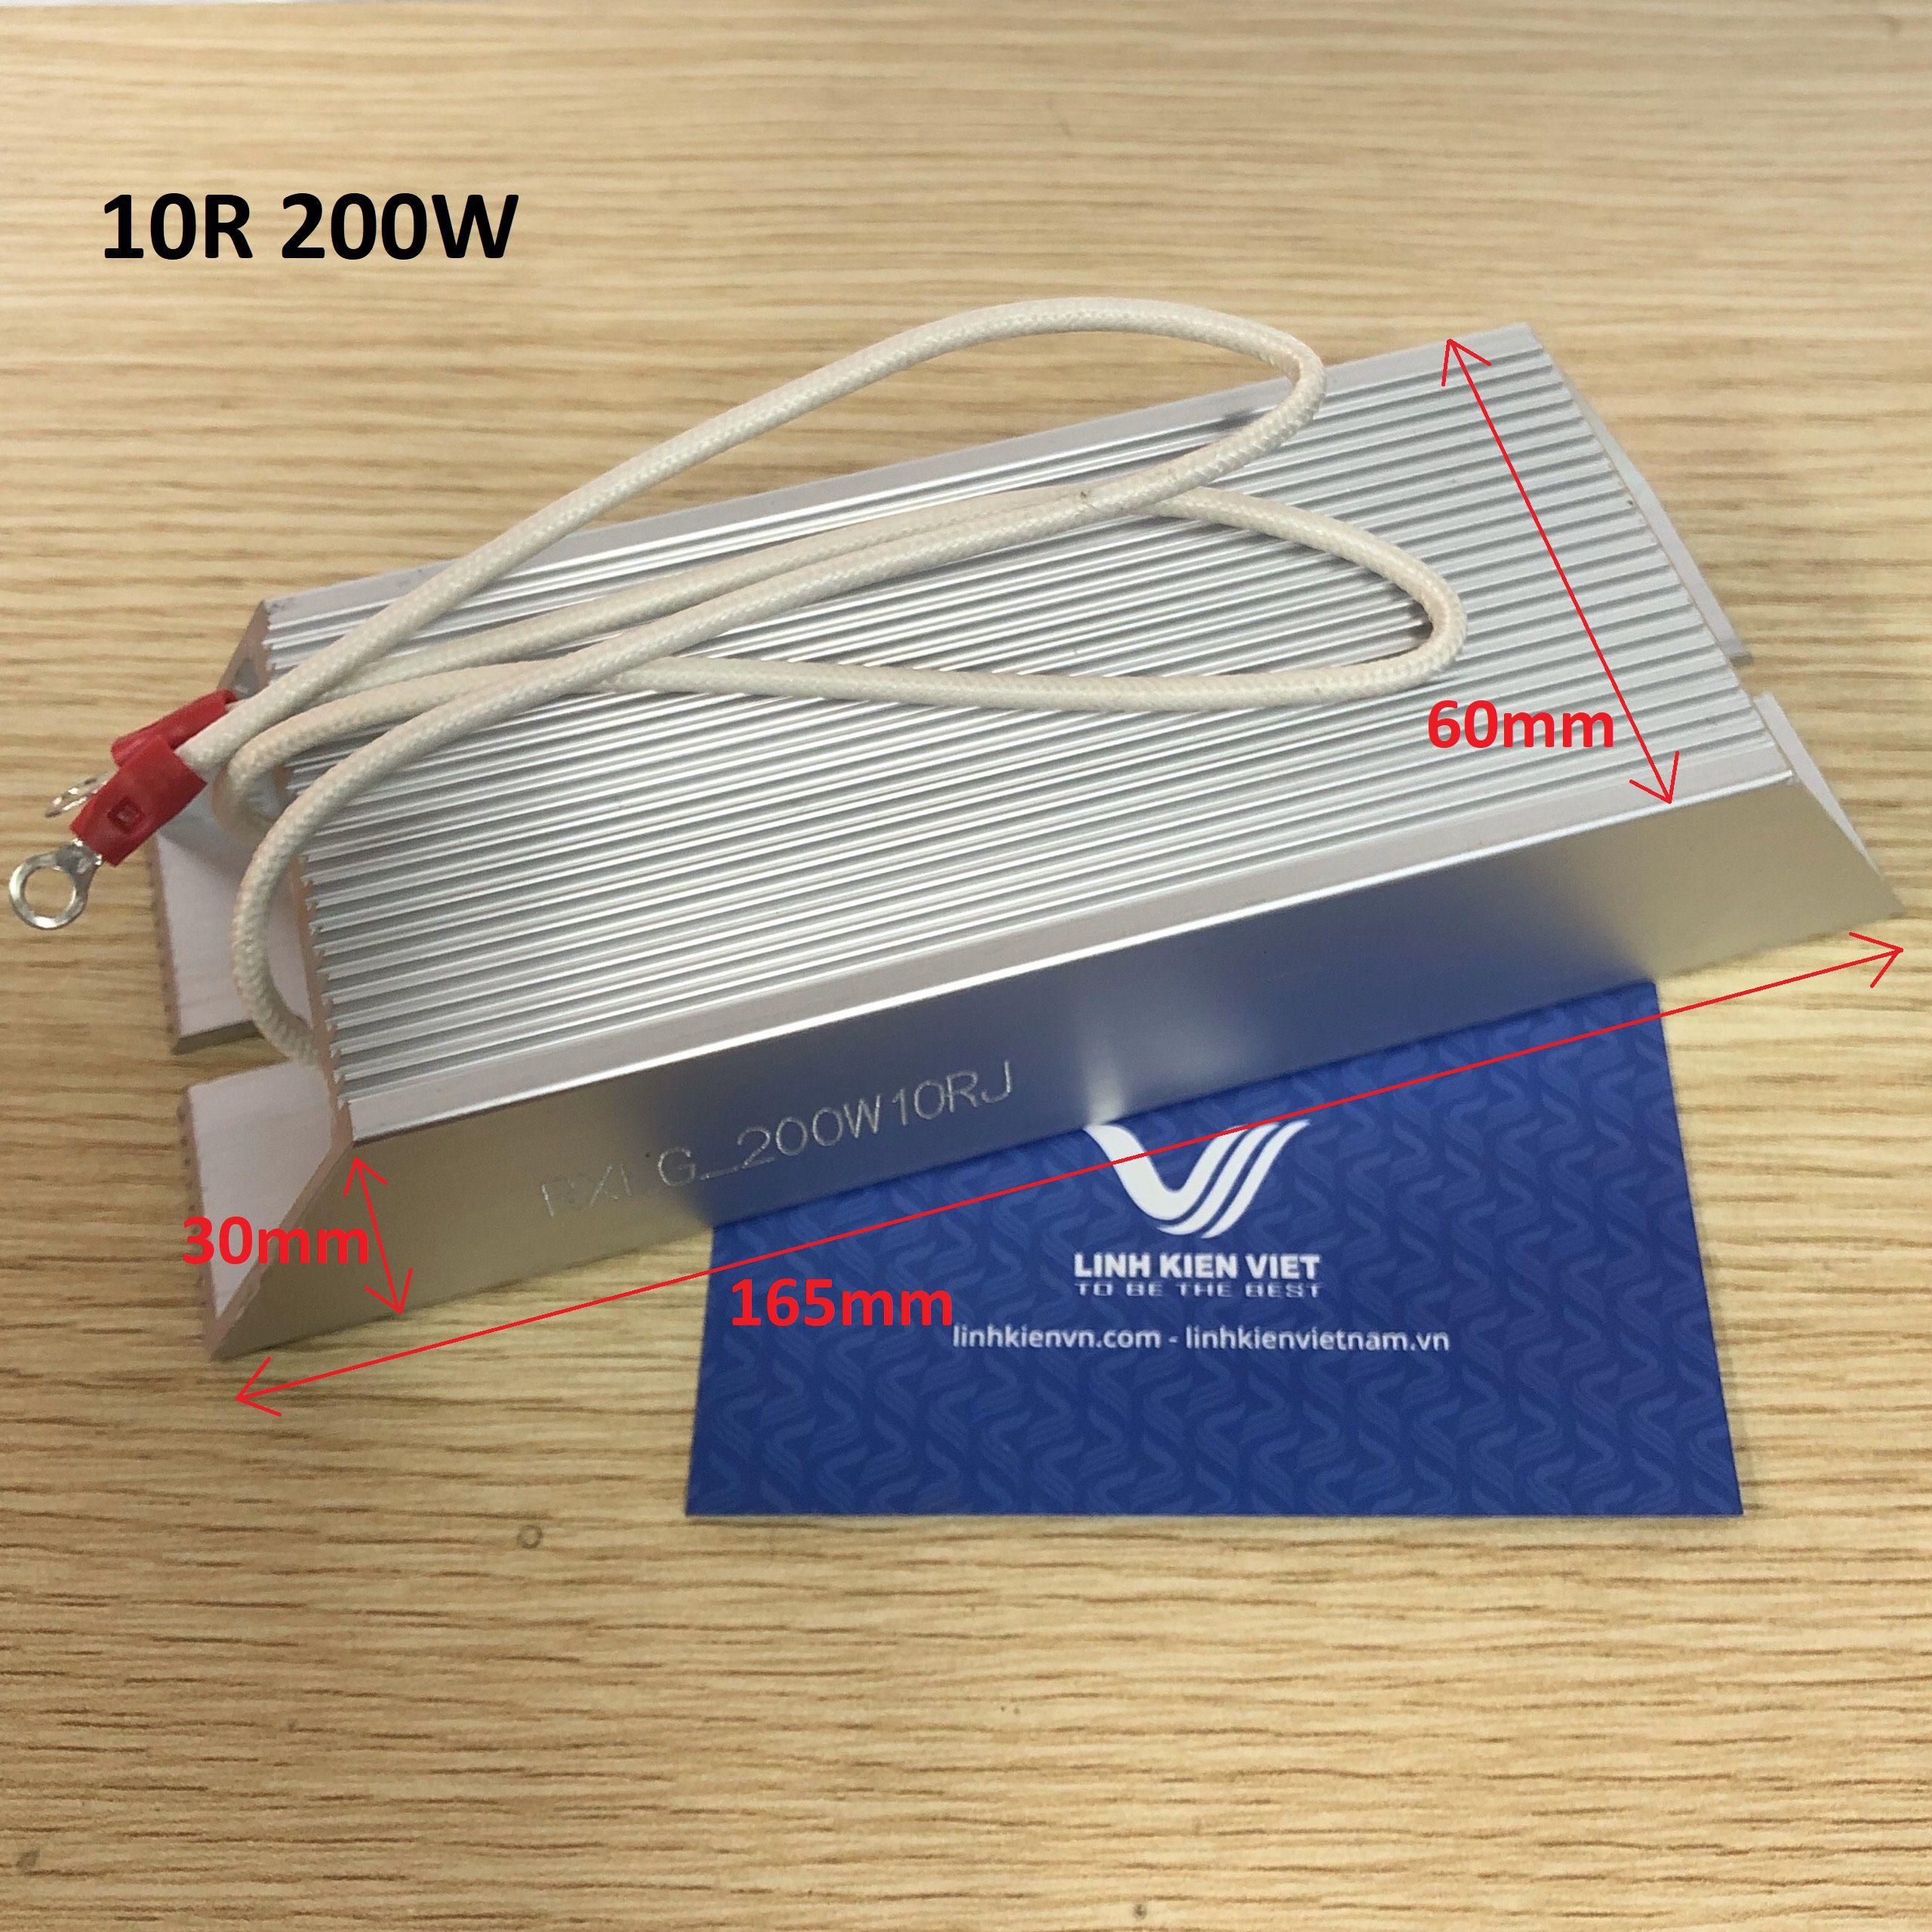 Điện Trở Xả Vỏ Nhôm 200W 10R RXLG200-10R